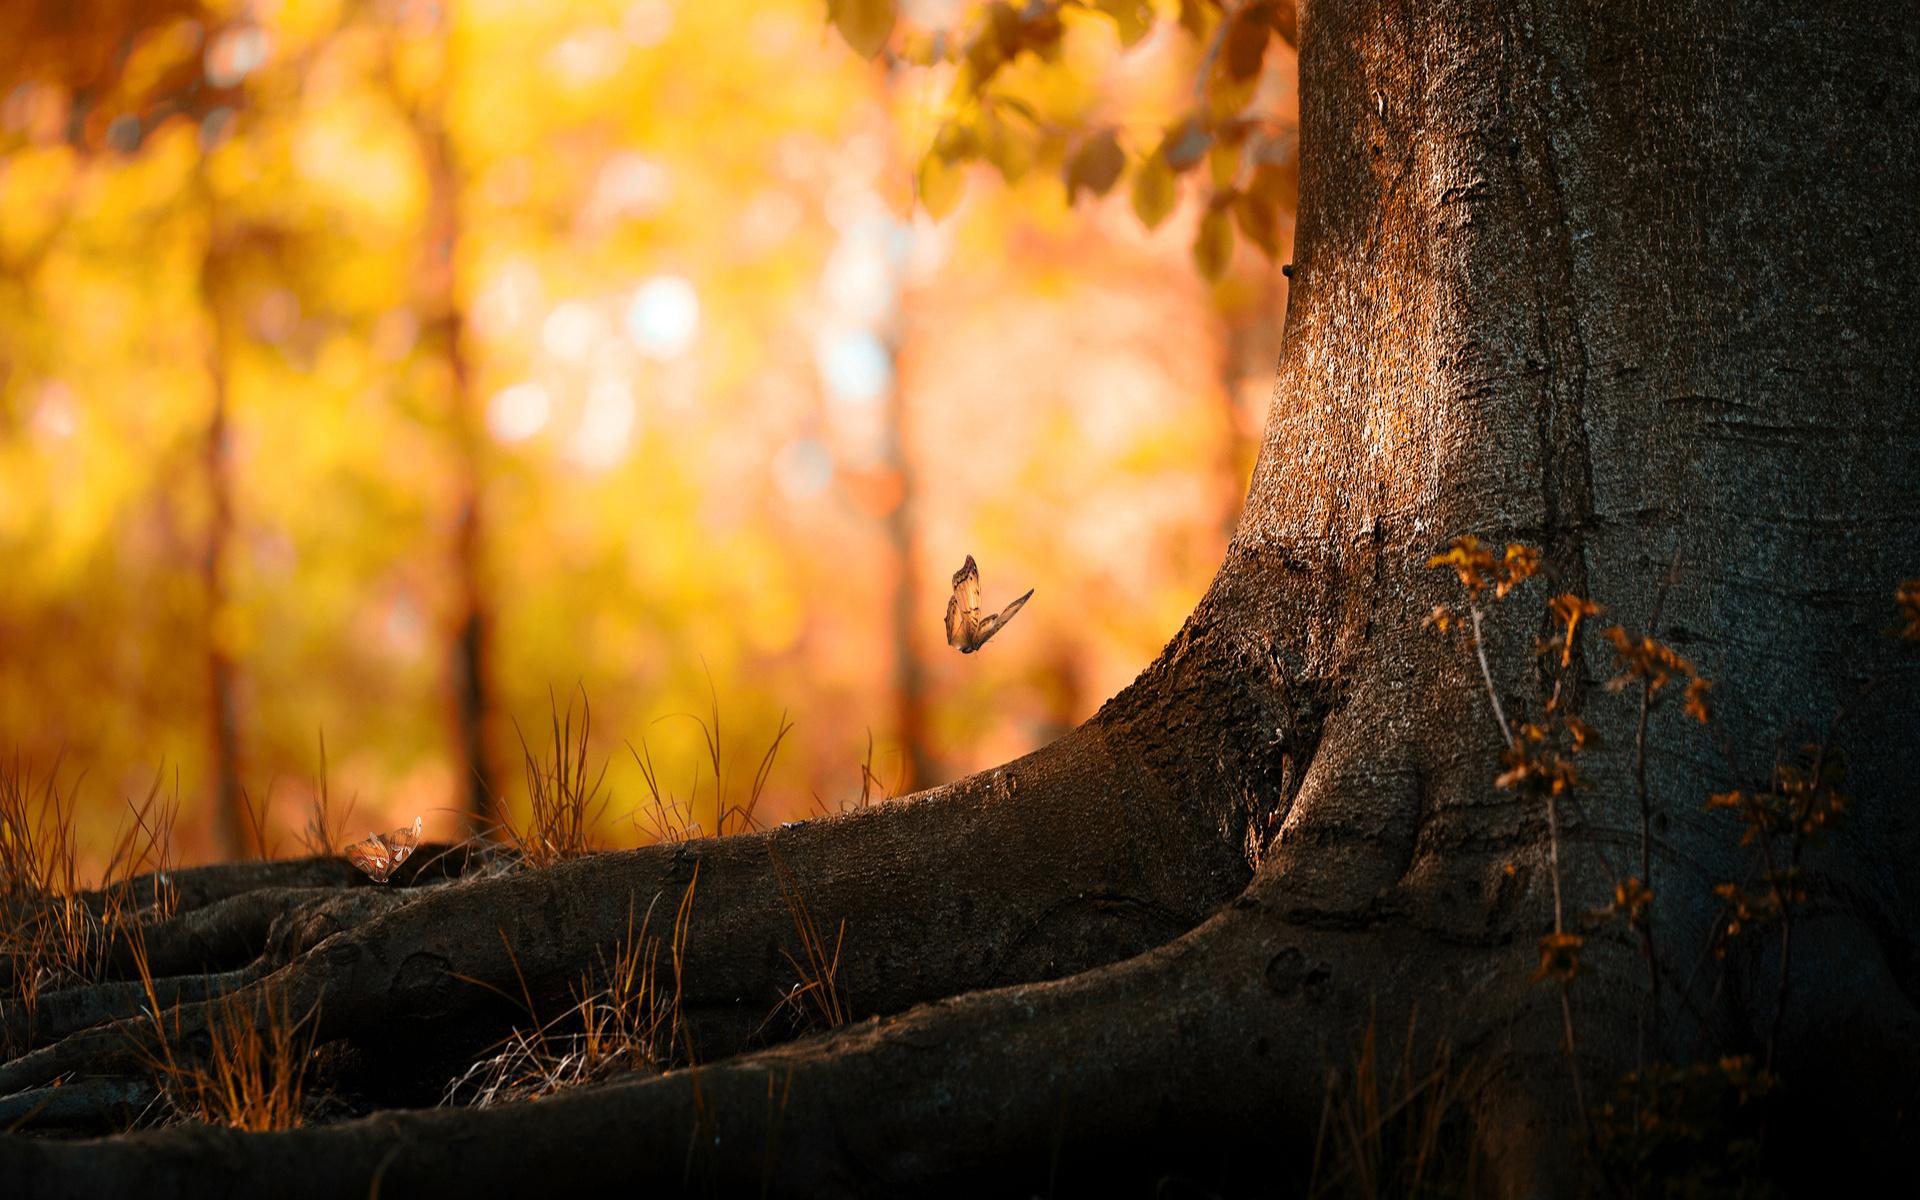 Дерево, бабочки, озерцо бесплатно